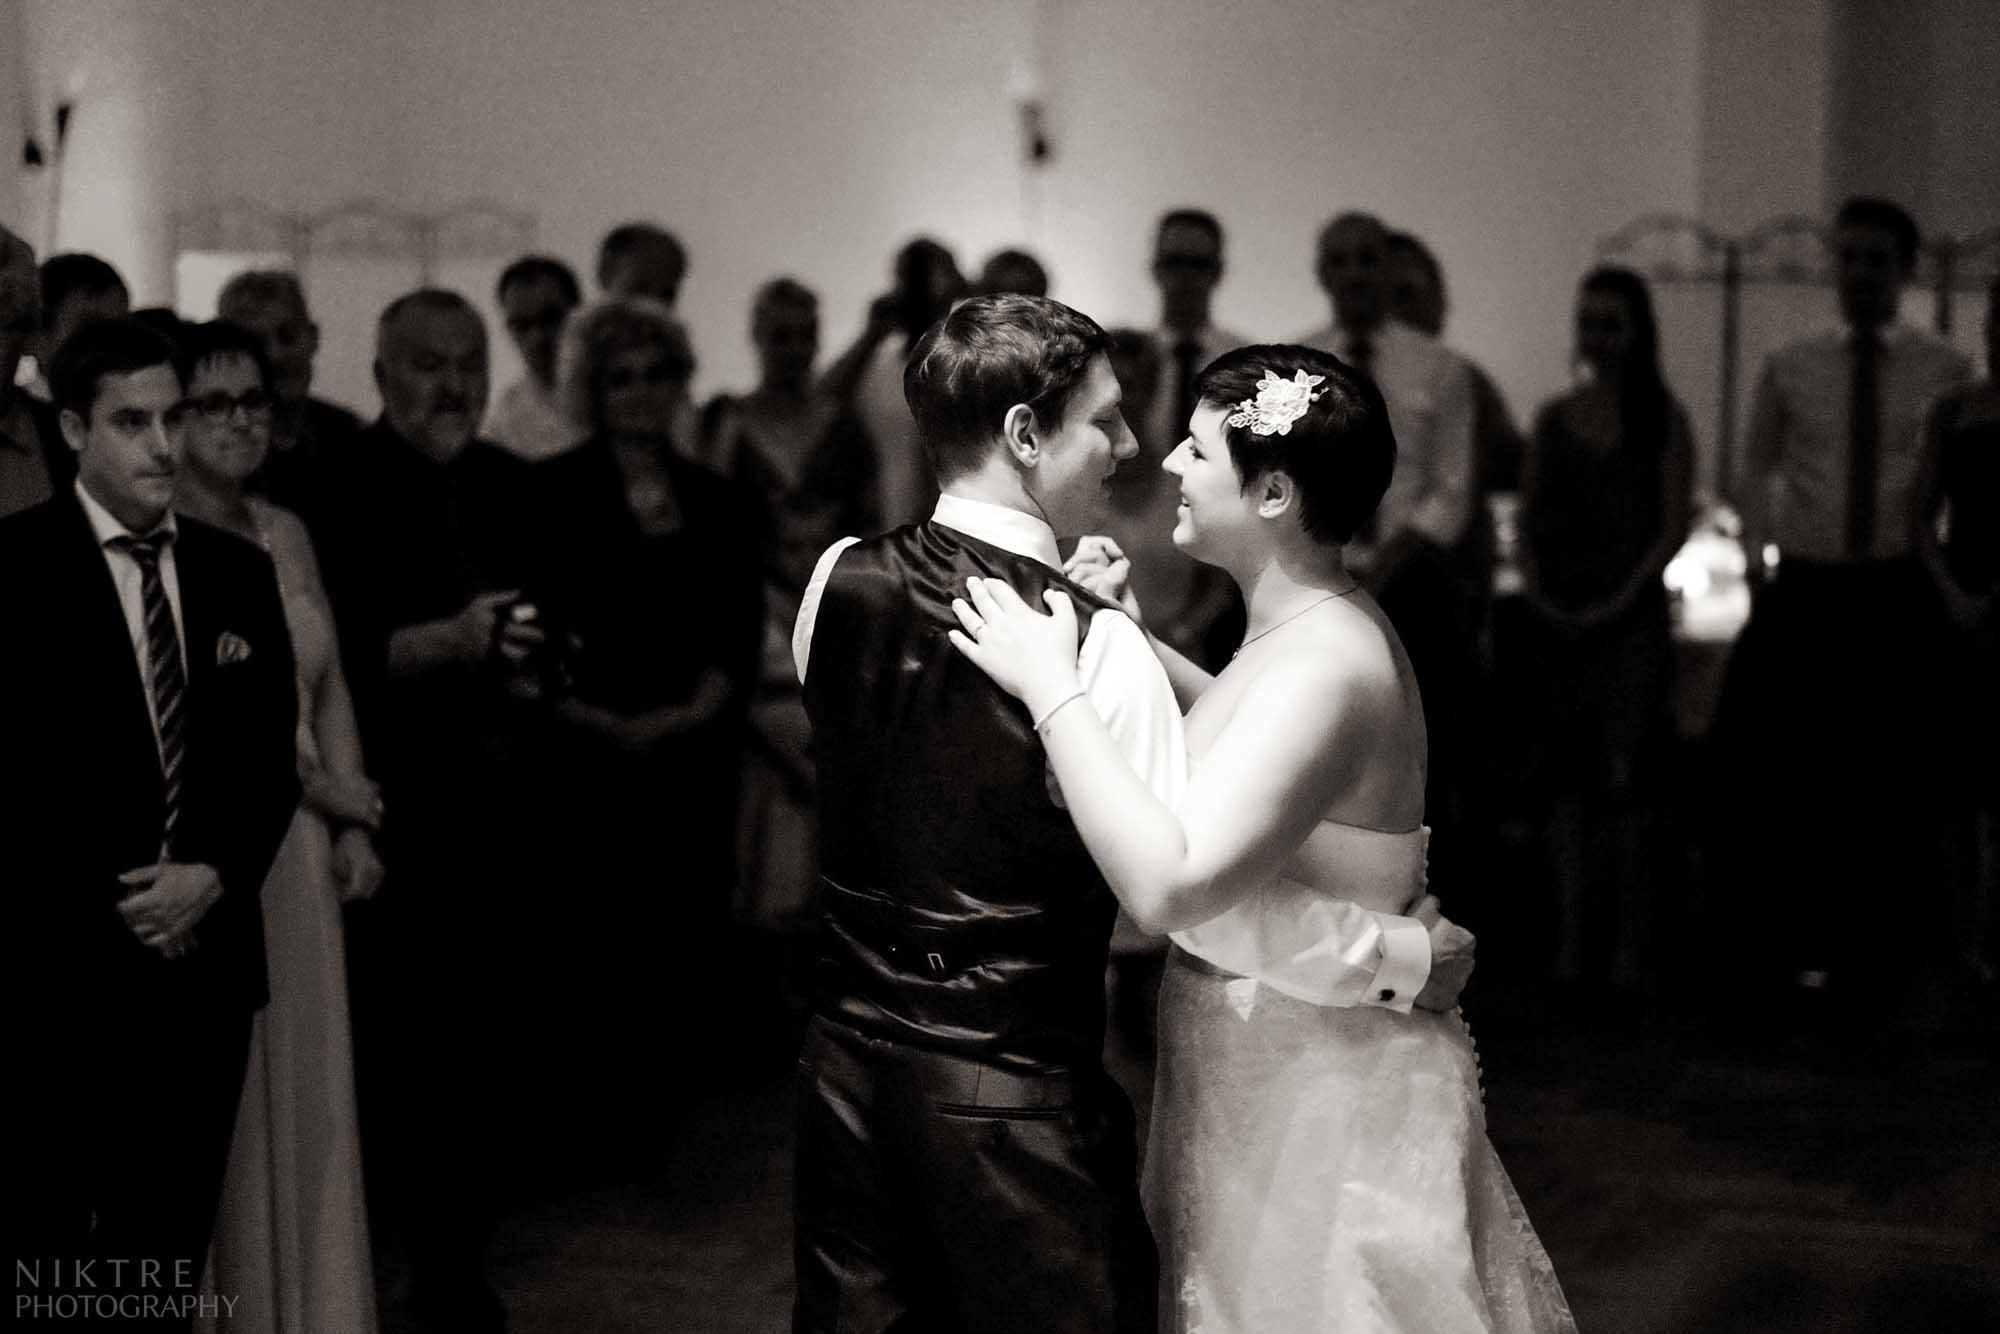 Brautpaar tanzt bei der Feier